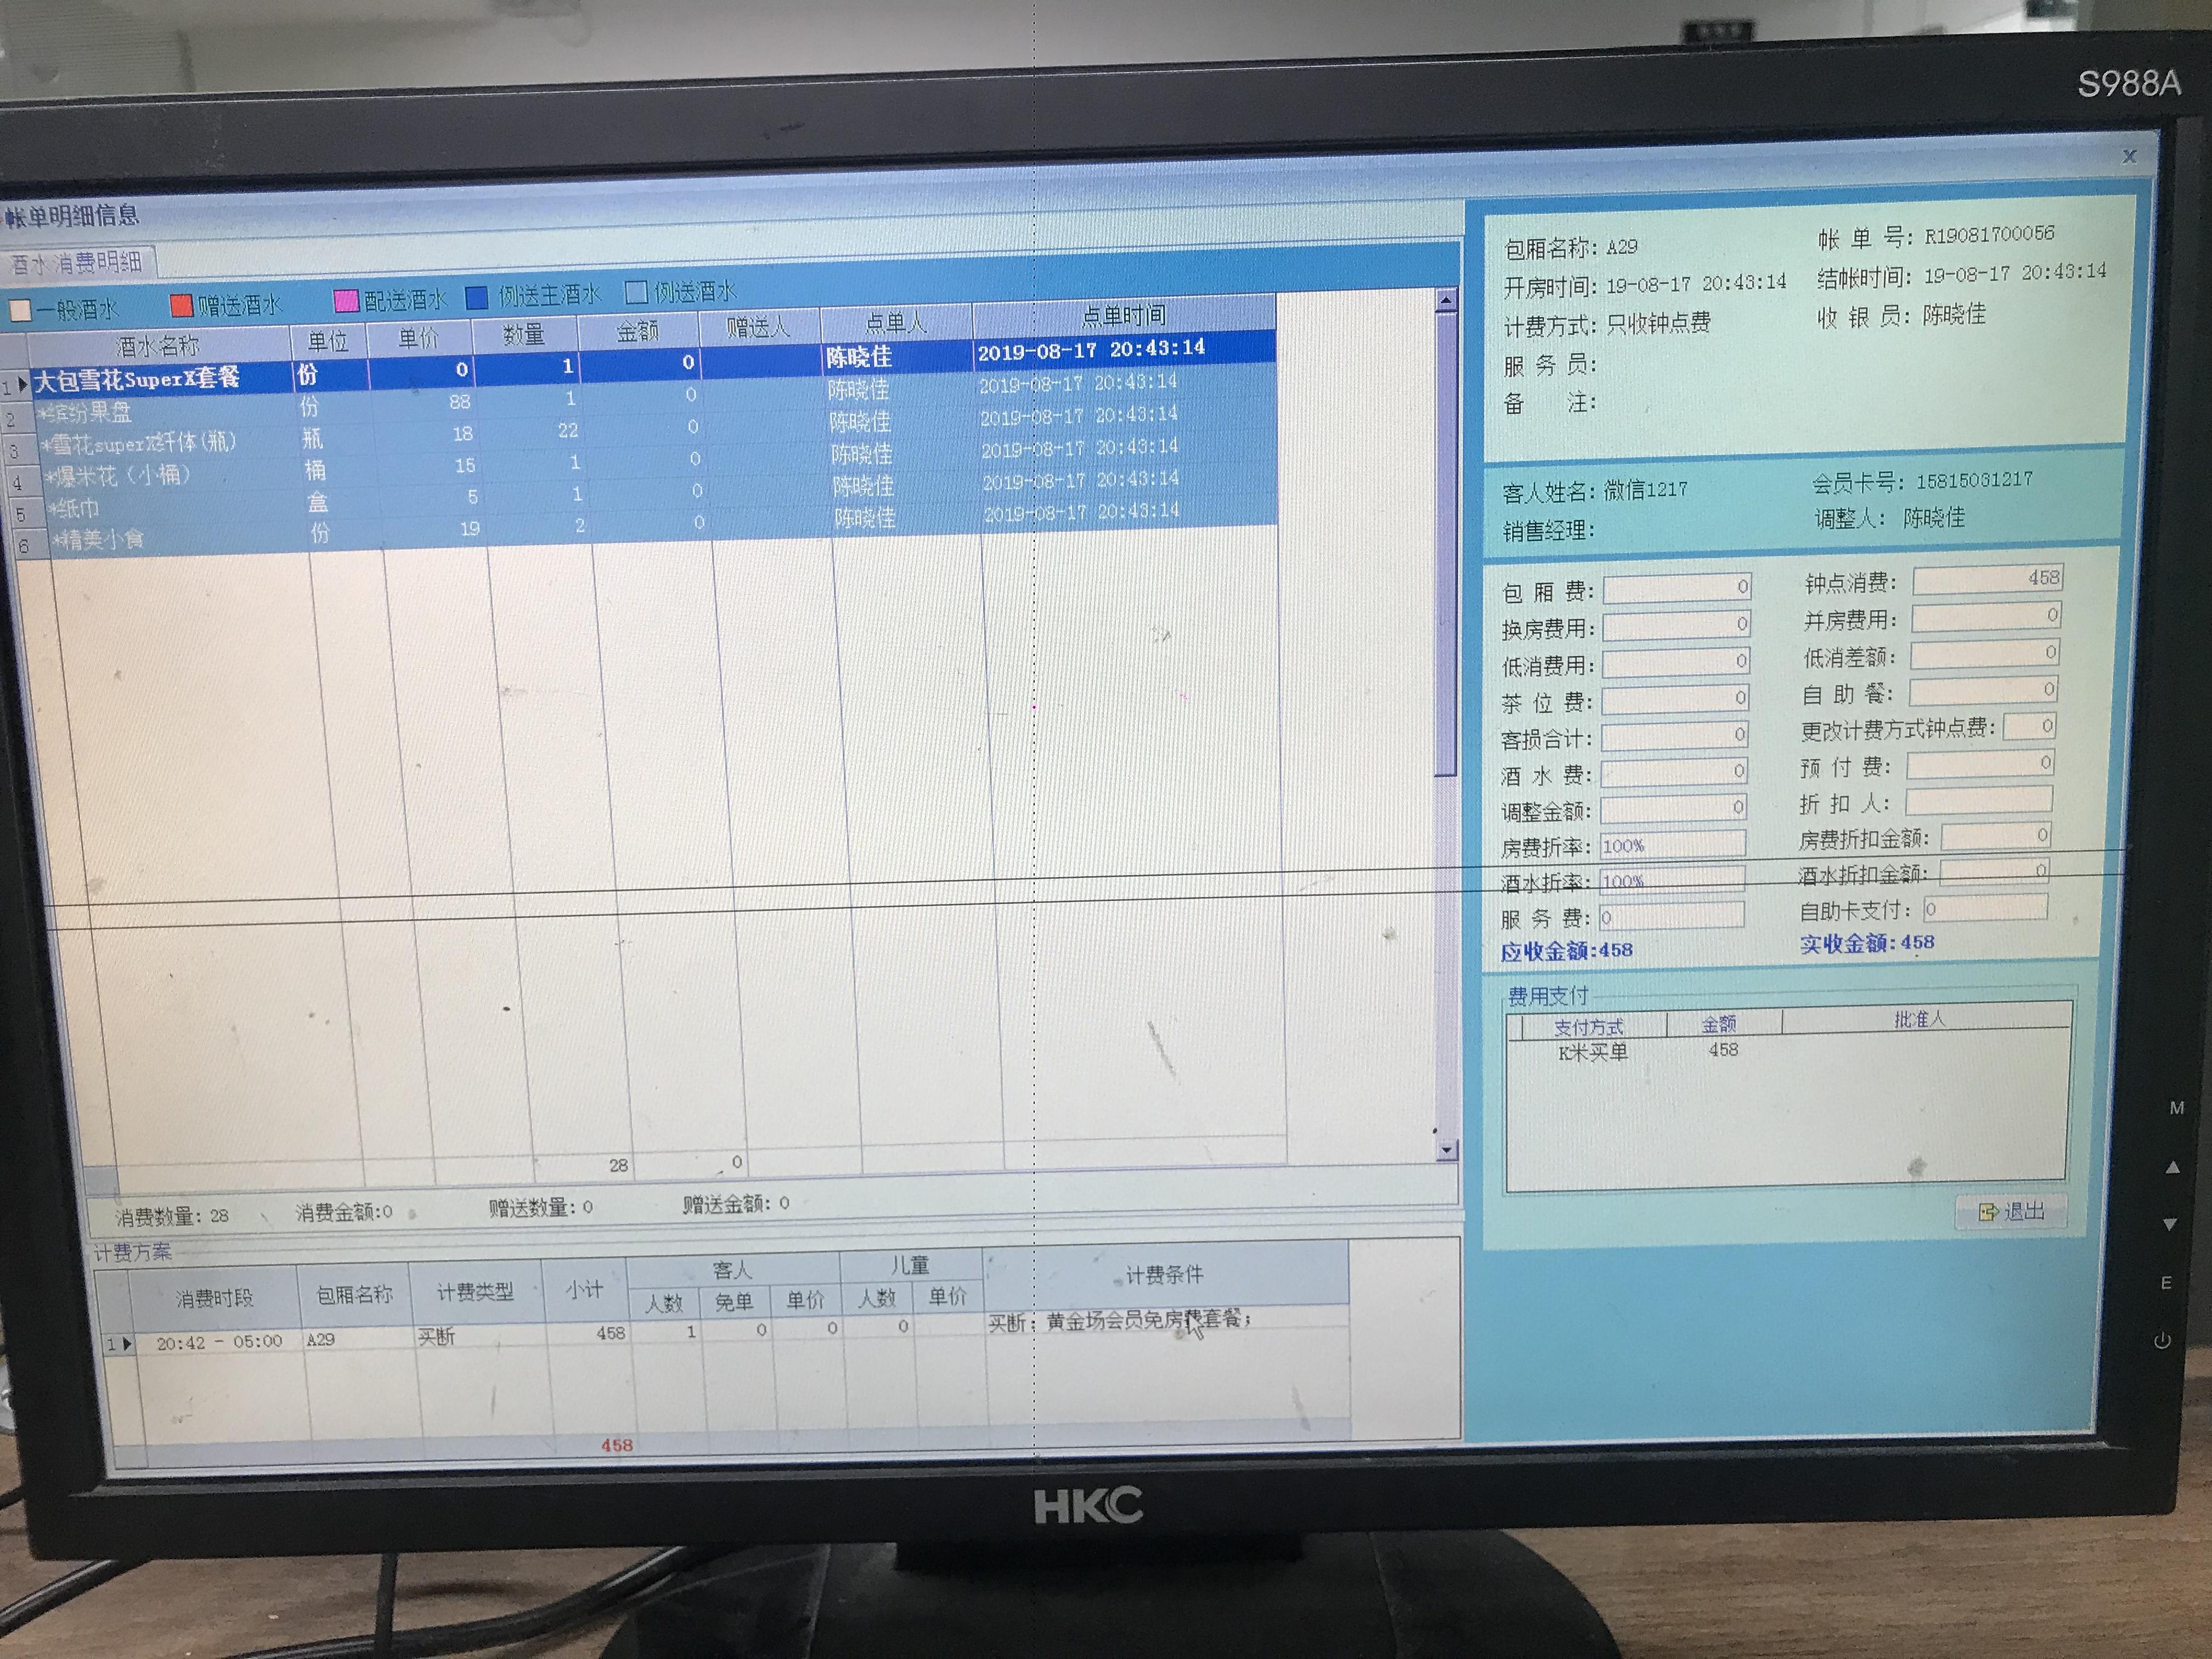 40415FD9-DFCD-4CA9-A92D-CD6EF3EE26A4.jpeg